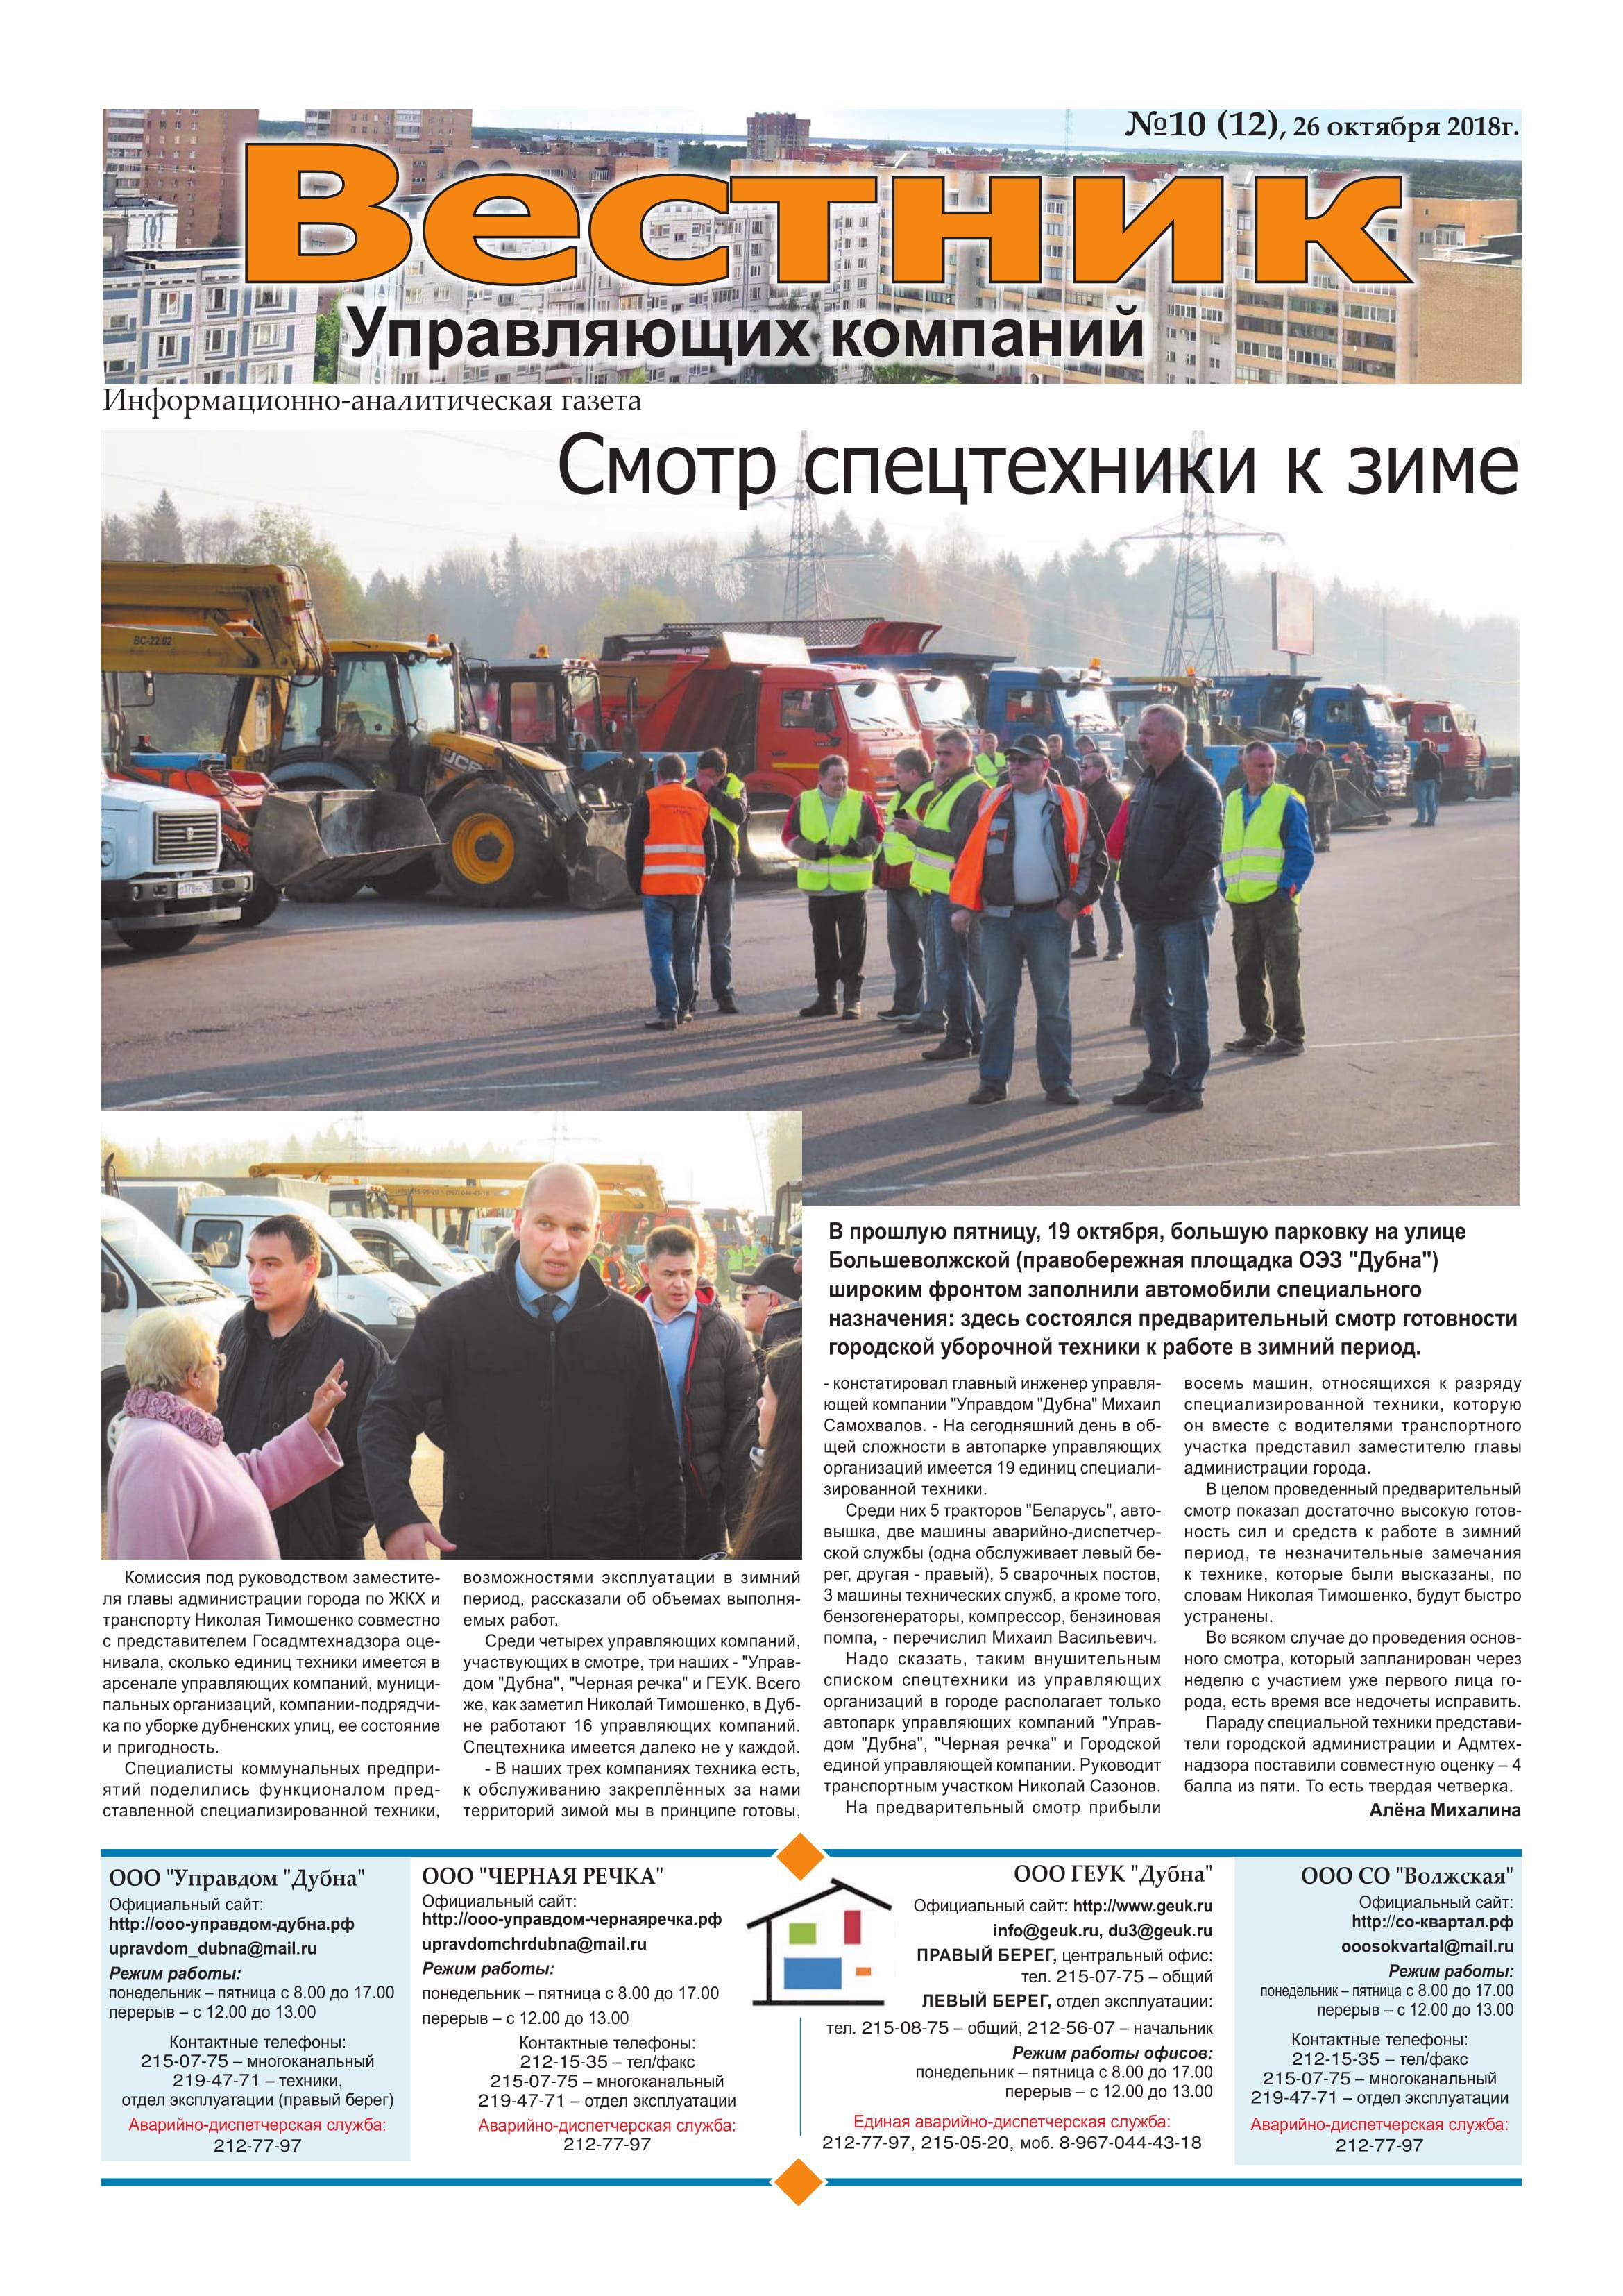 Вестник Управляющих компаний 10(12) от 26 октября 2018 г-1